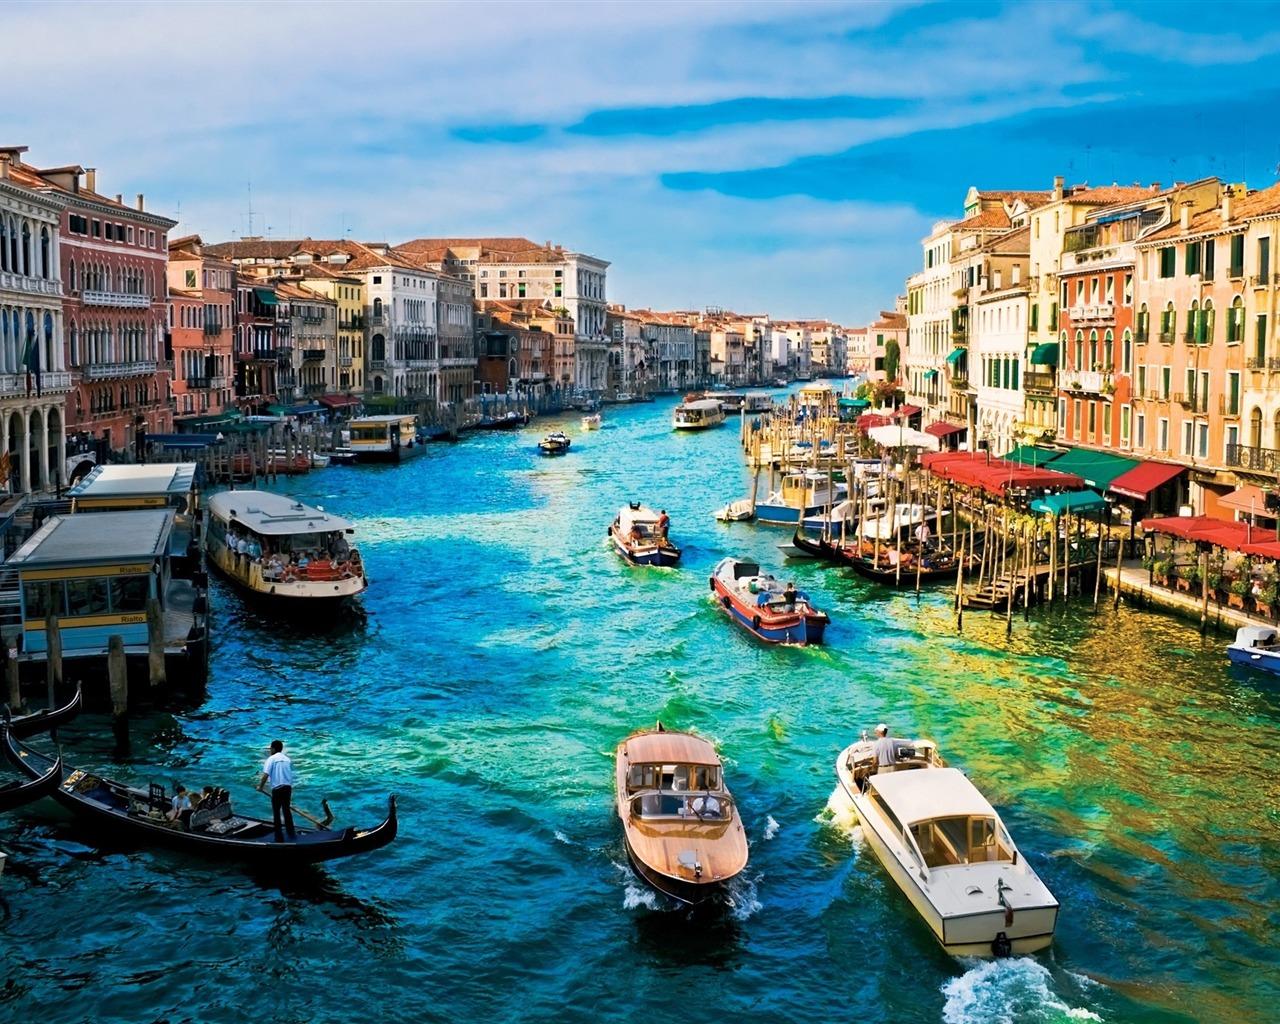 イタリア観光♩世界中の人を魅了するヴェネチアに行こ!